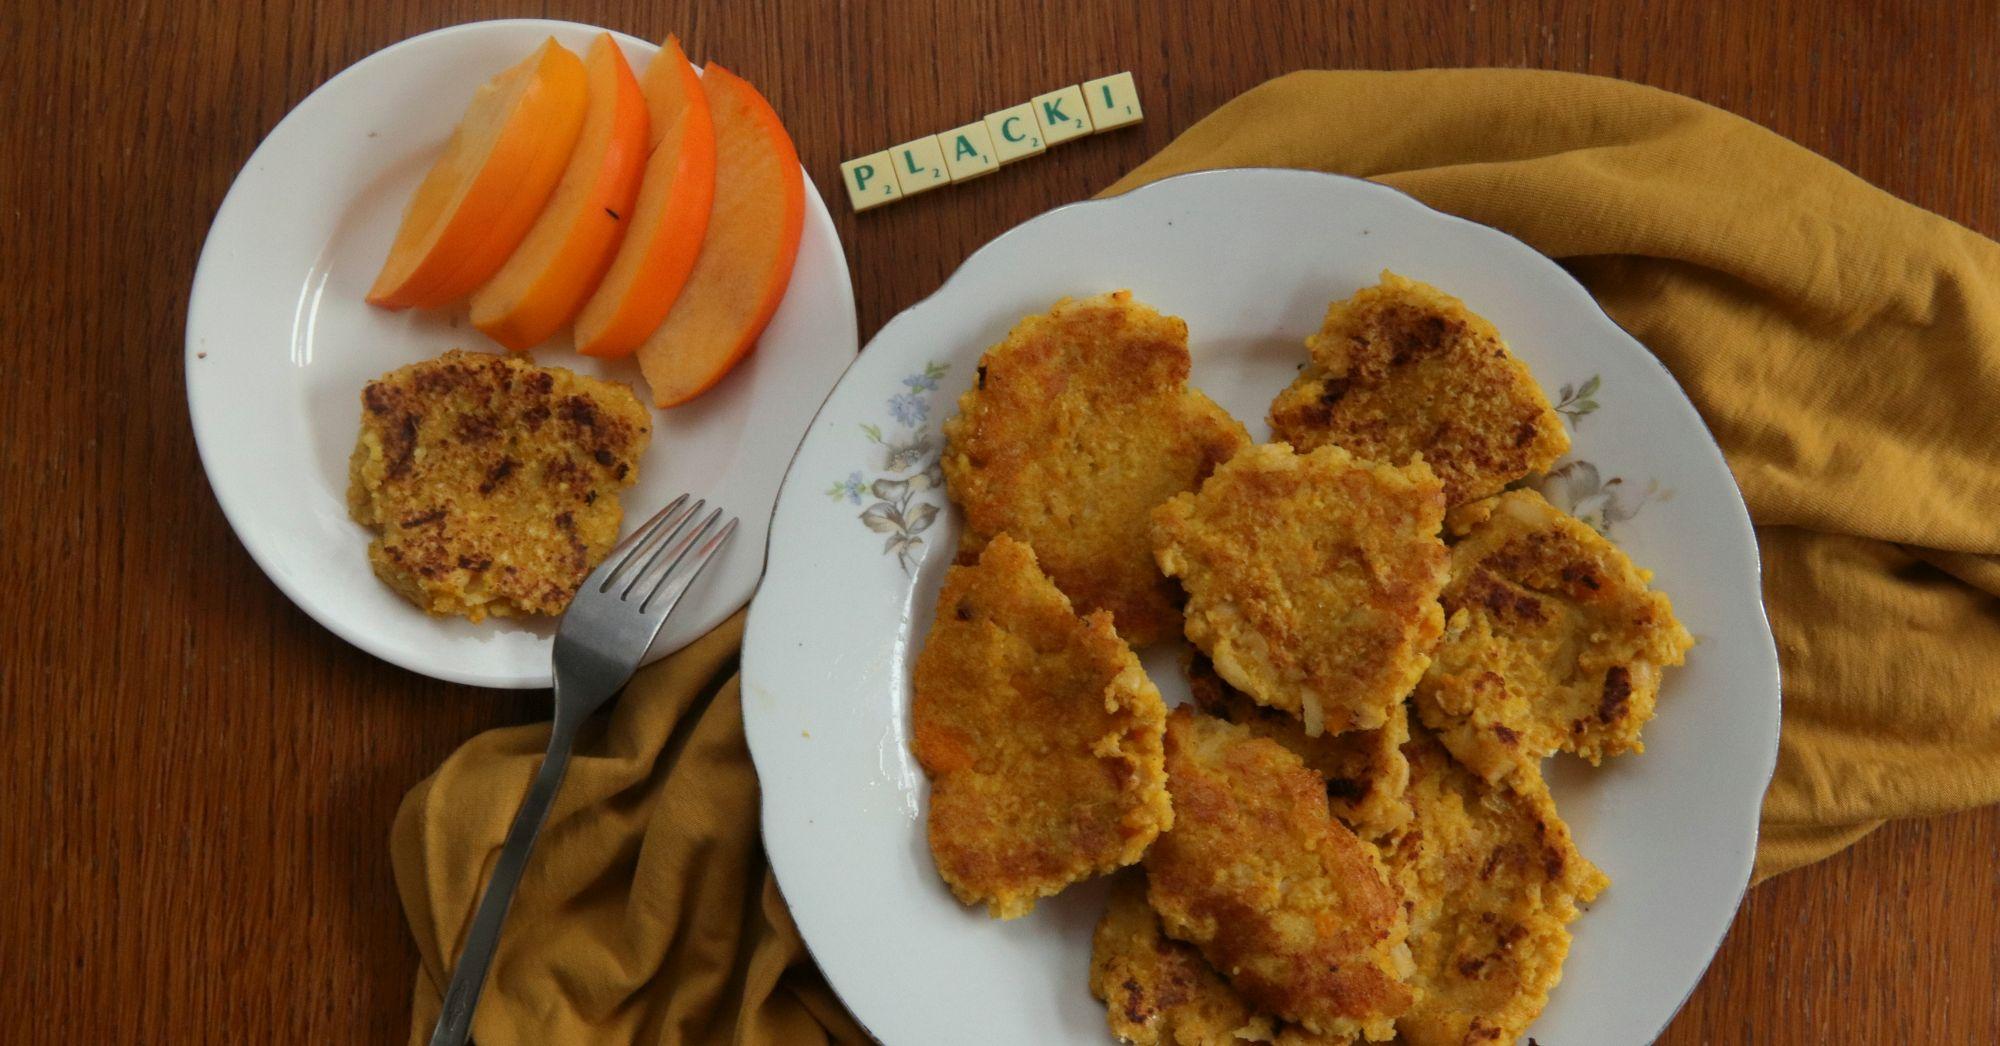 Placki jaglano-dyniowe z jabłkiem